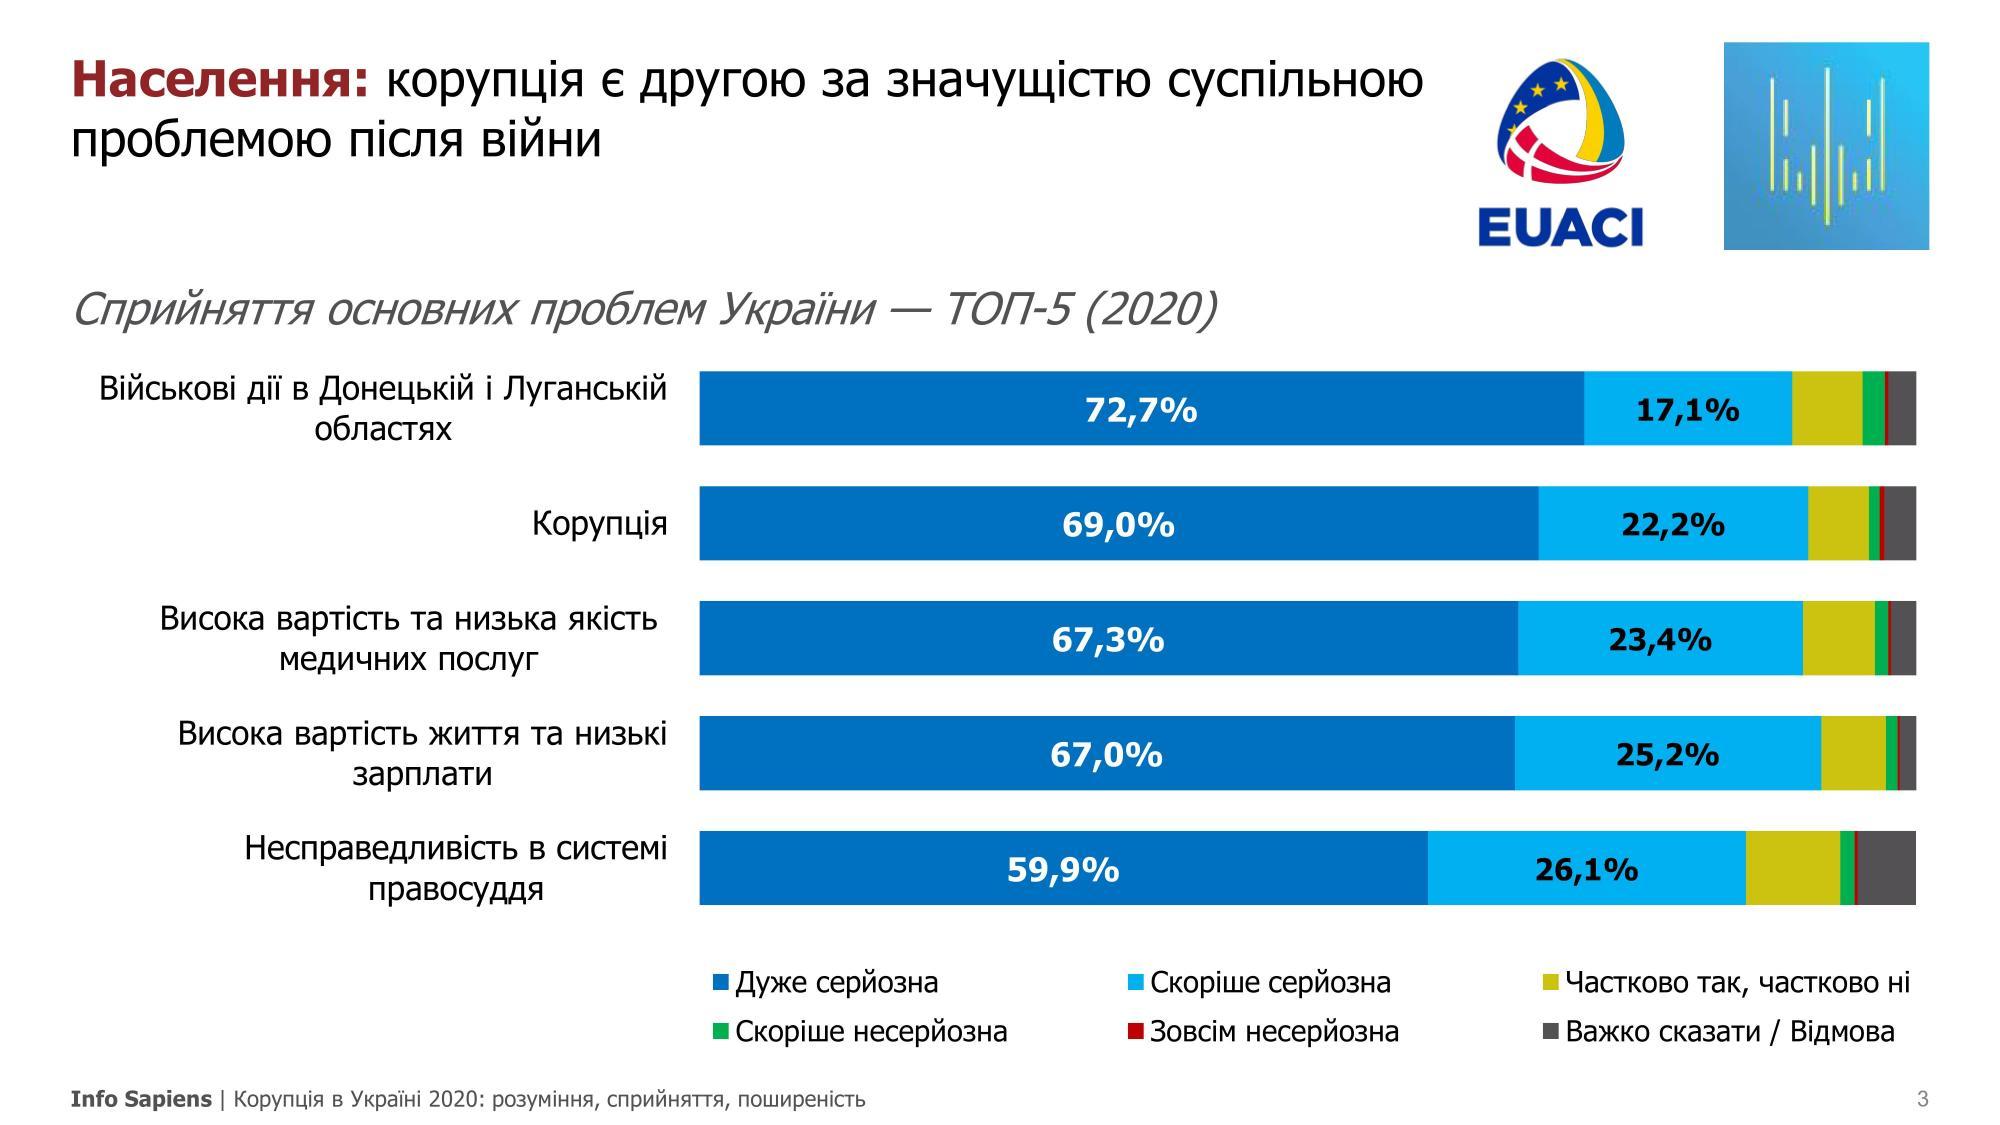 Українці назвали найбільш серйозні проблеми країни